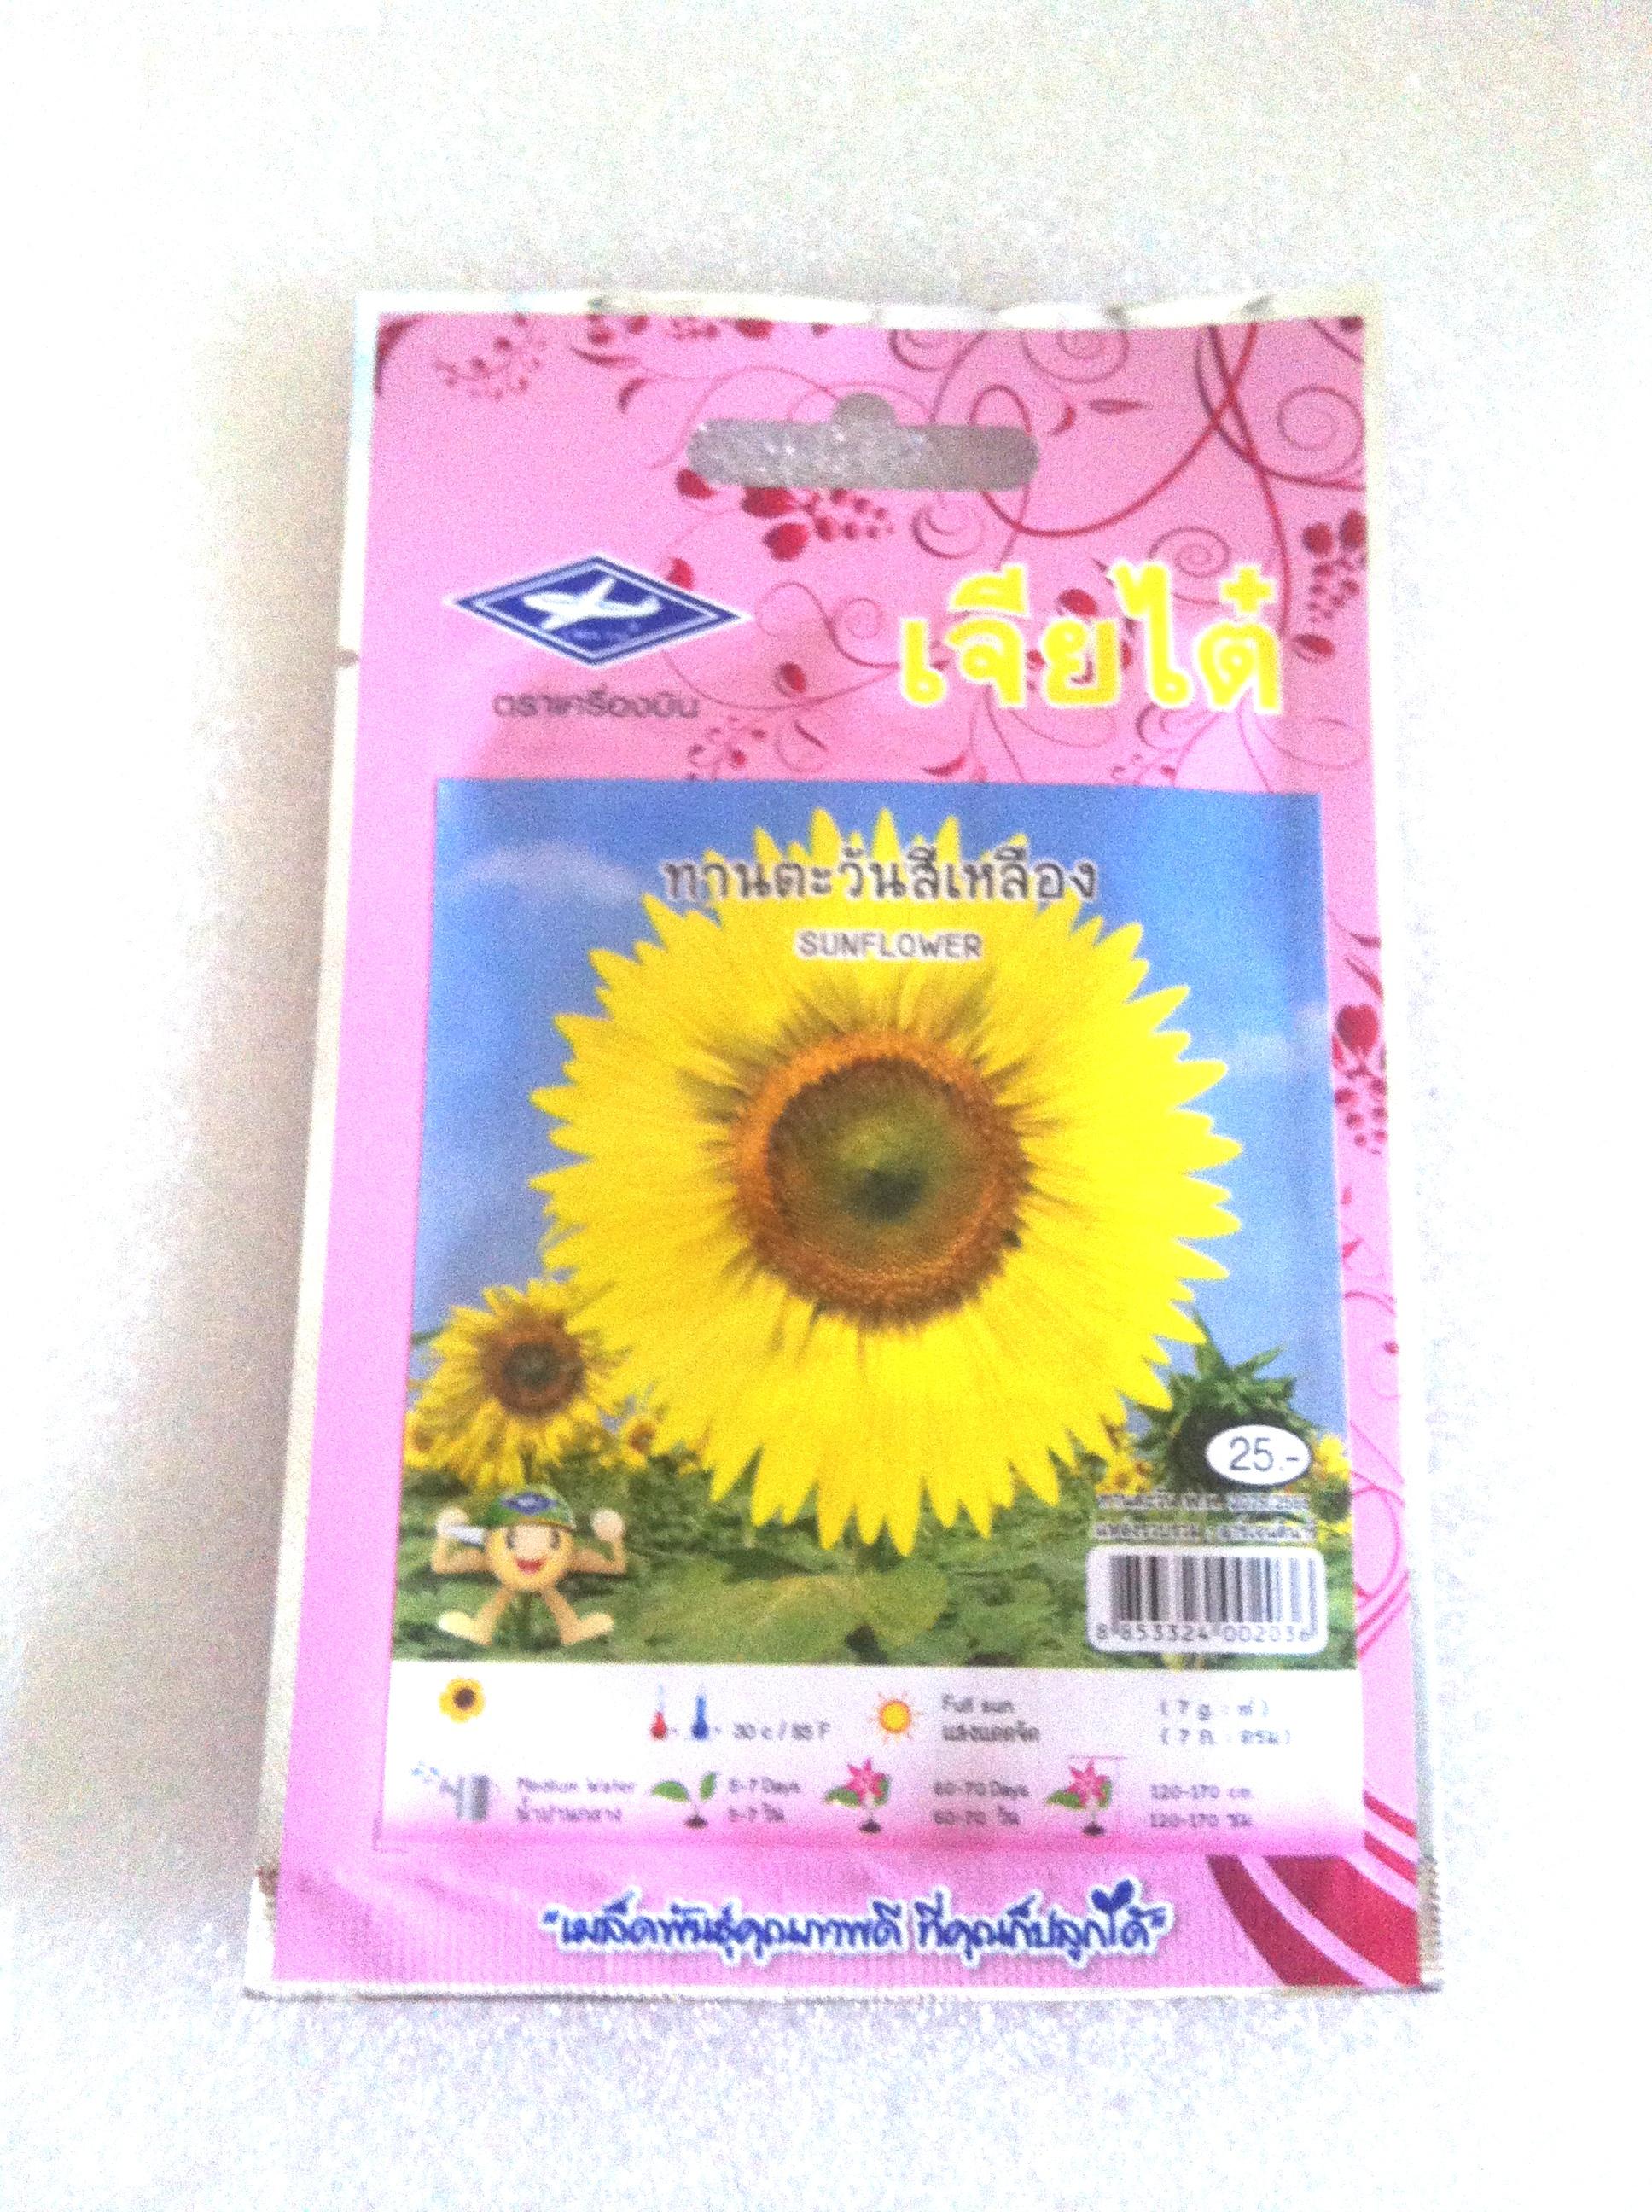 ดอกทานตะวันสีเหลือง Sun flower เจียใต๋